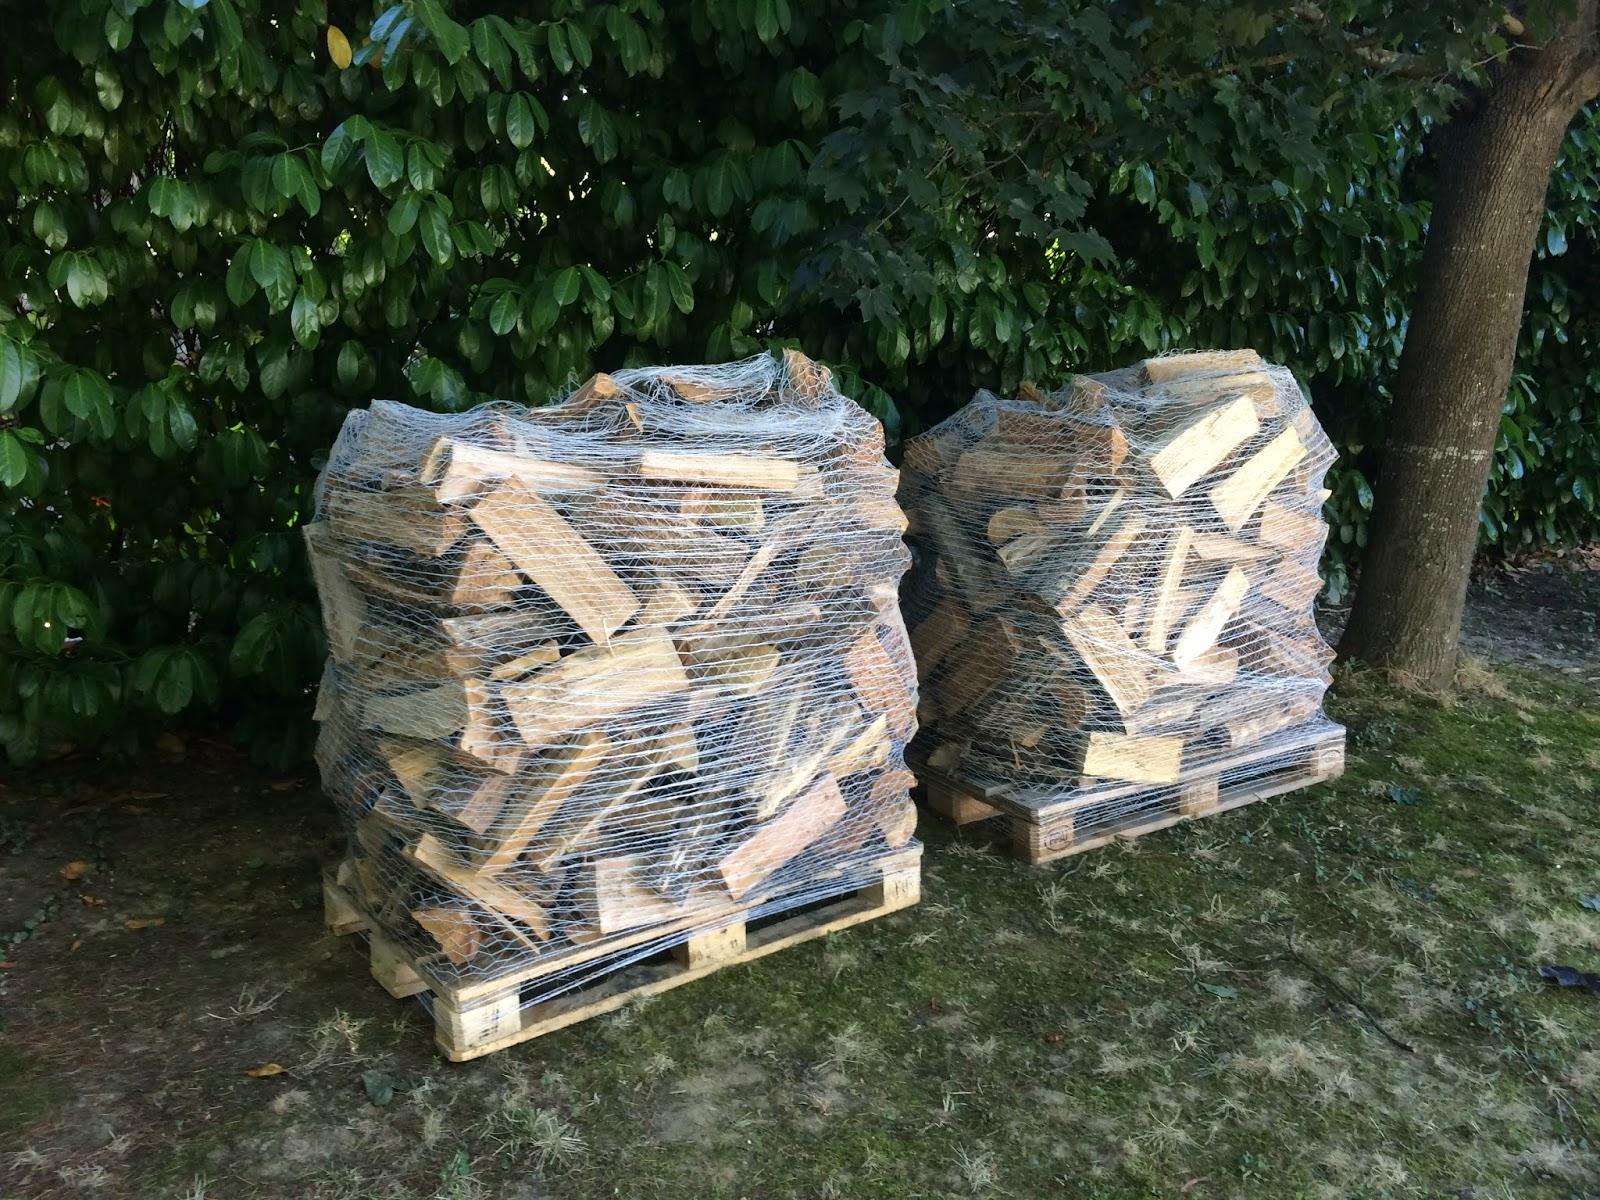 Bois de chauffage is re vente de bois de chauffage en - Stere de bois ...